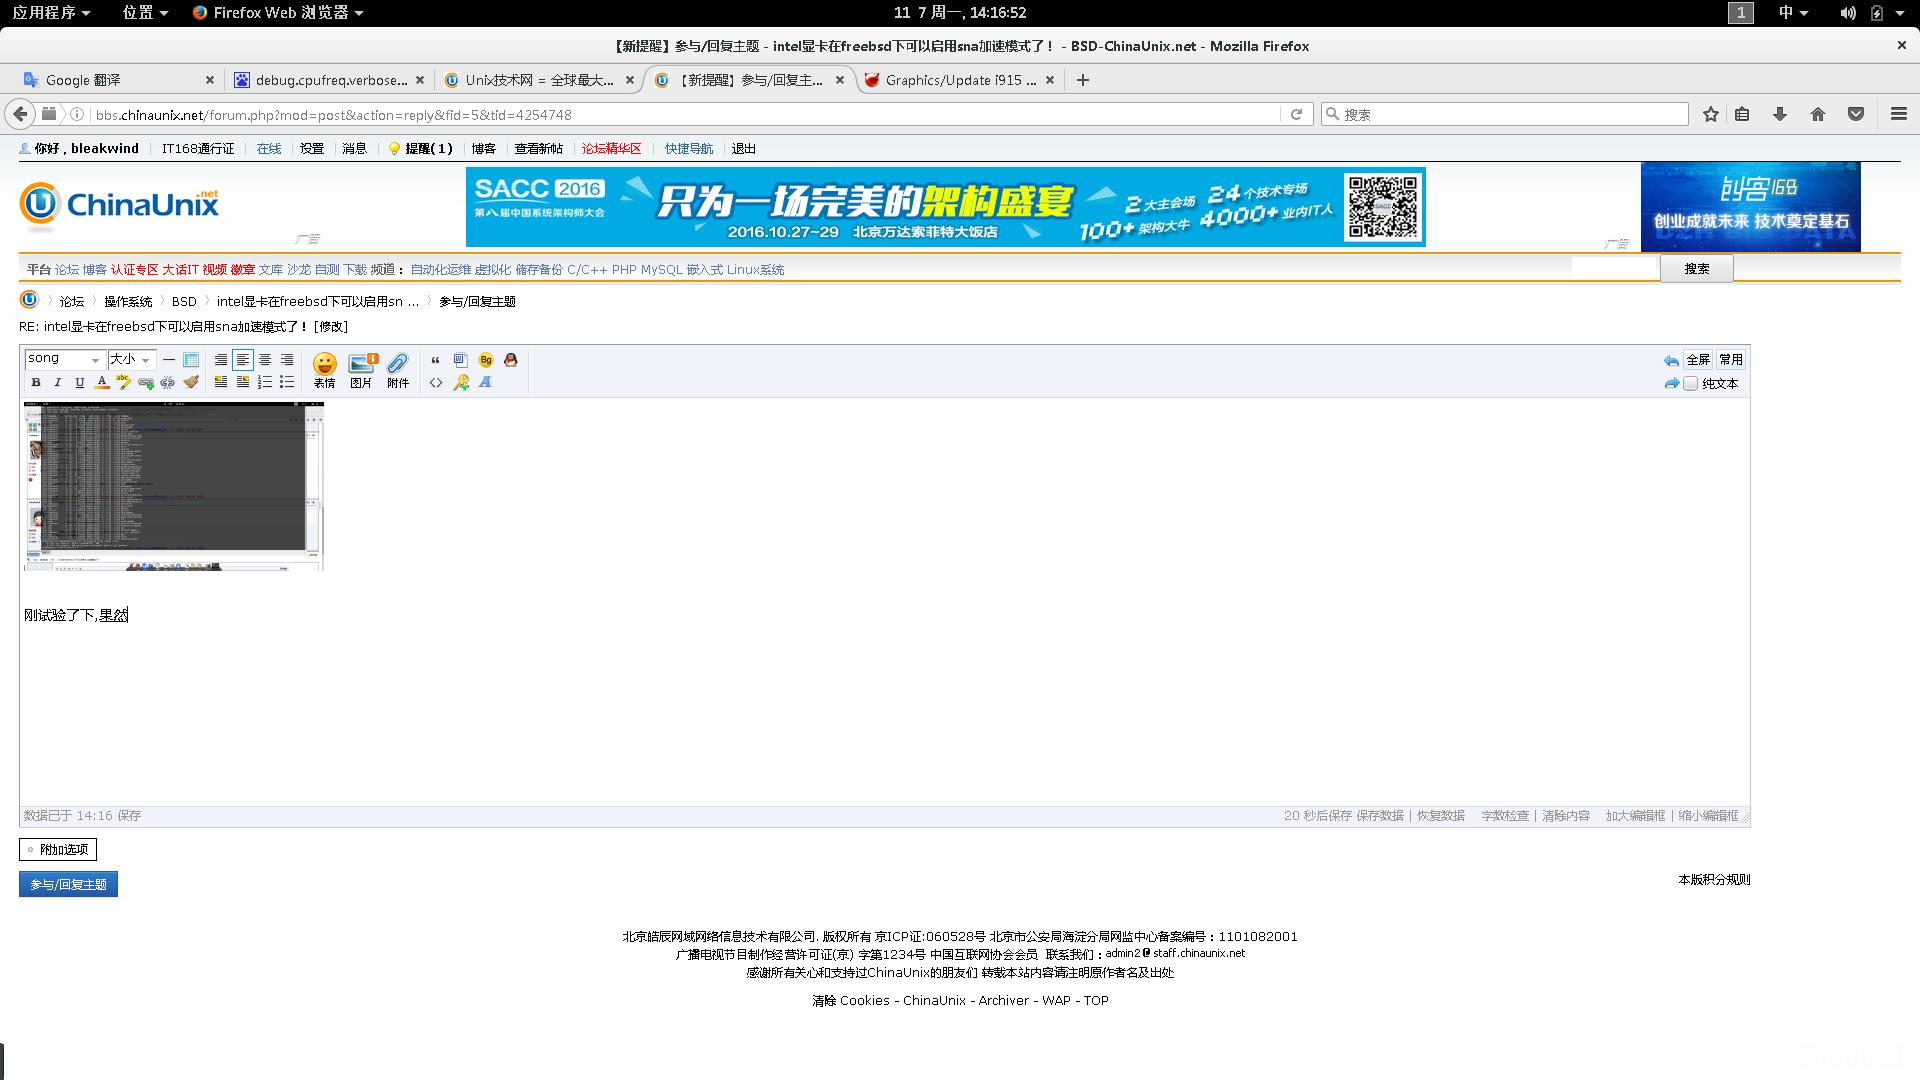 2016-11-07 14-16-52 的屏幕截图.png